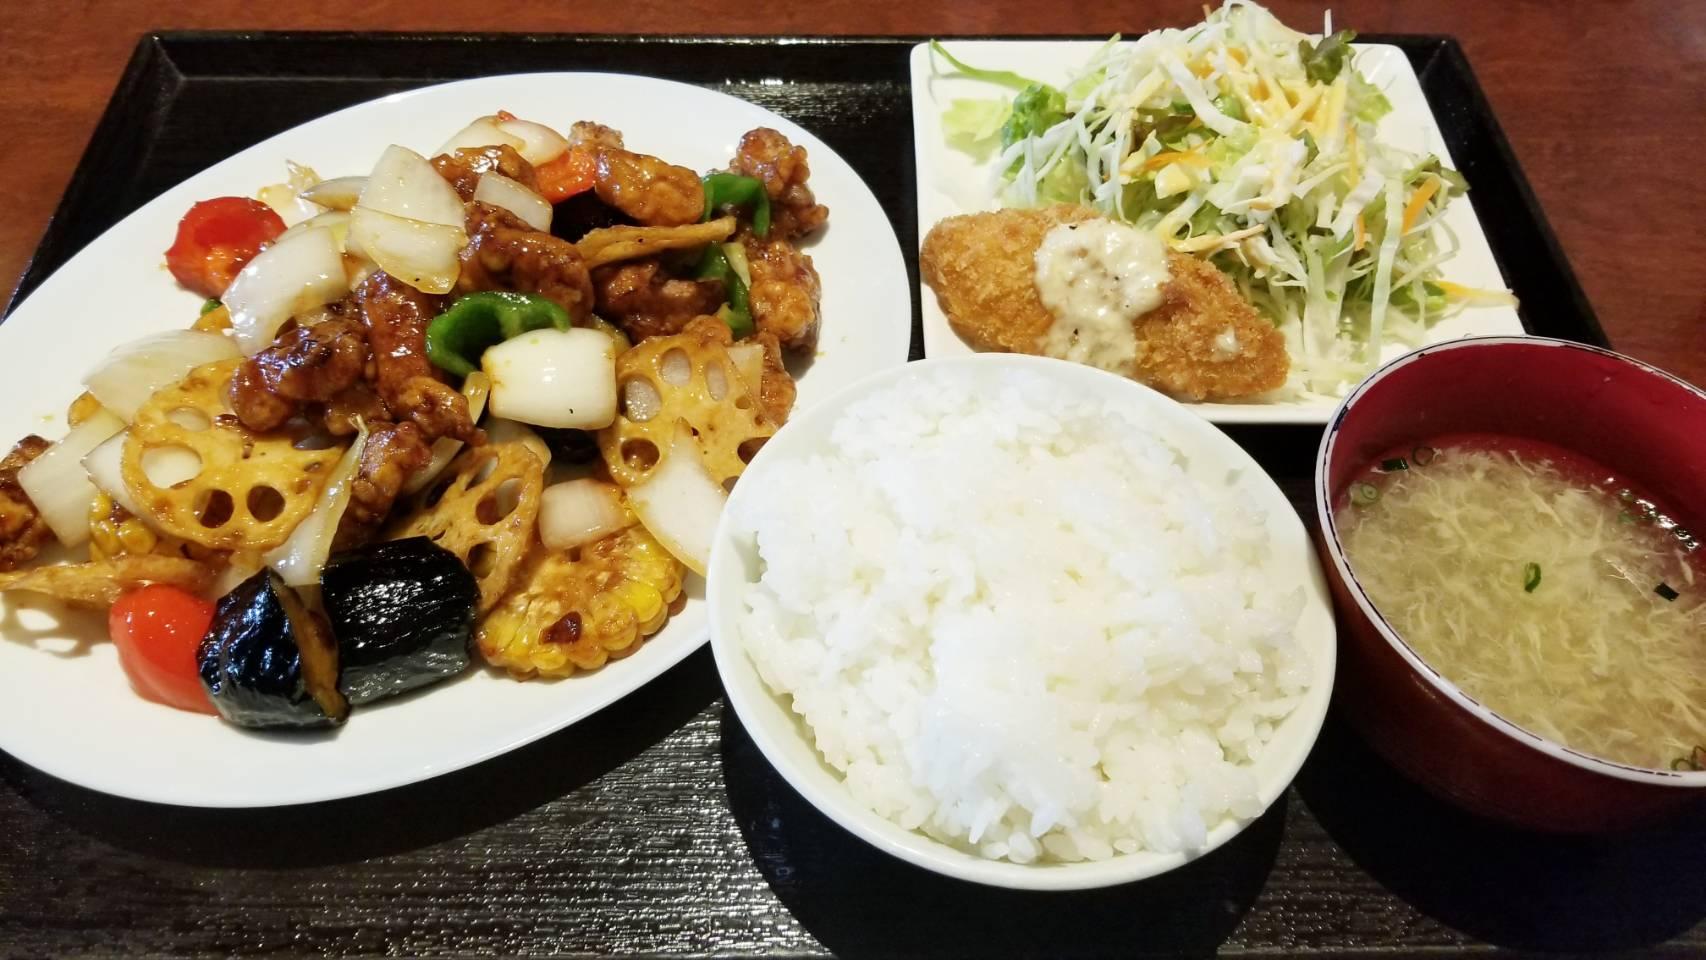 ランチパスポート愛媛県松山市安くておいしいグルメ真心中華大盛り得